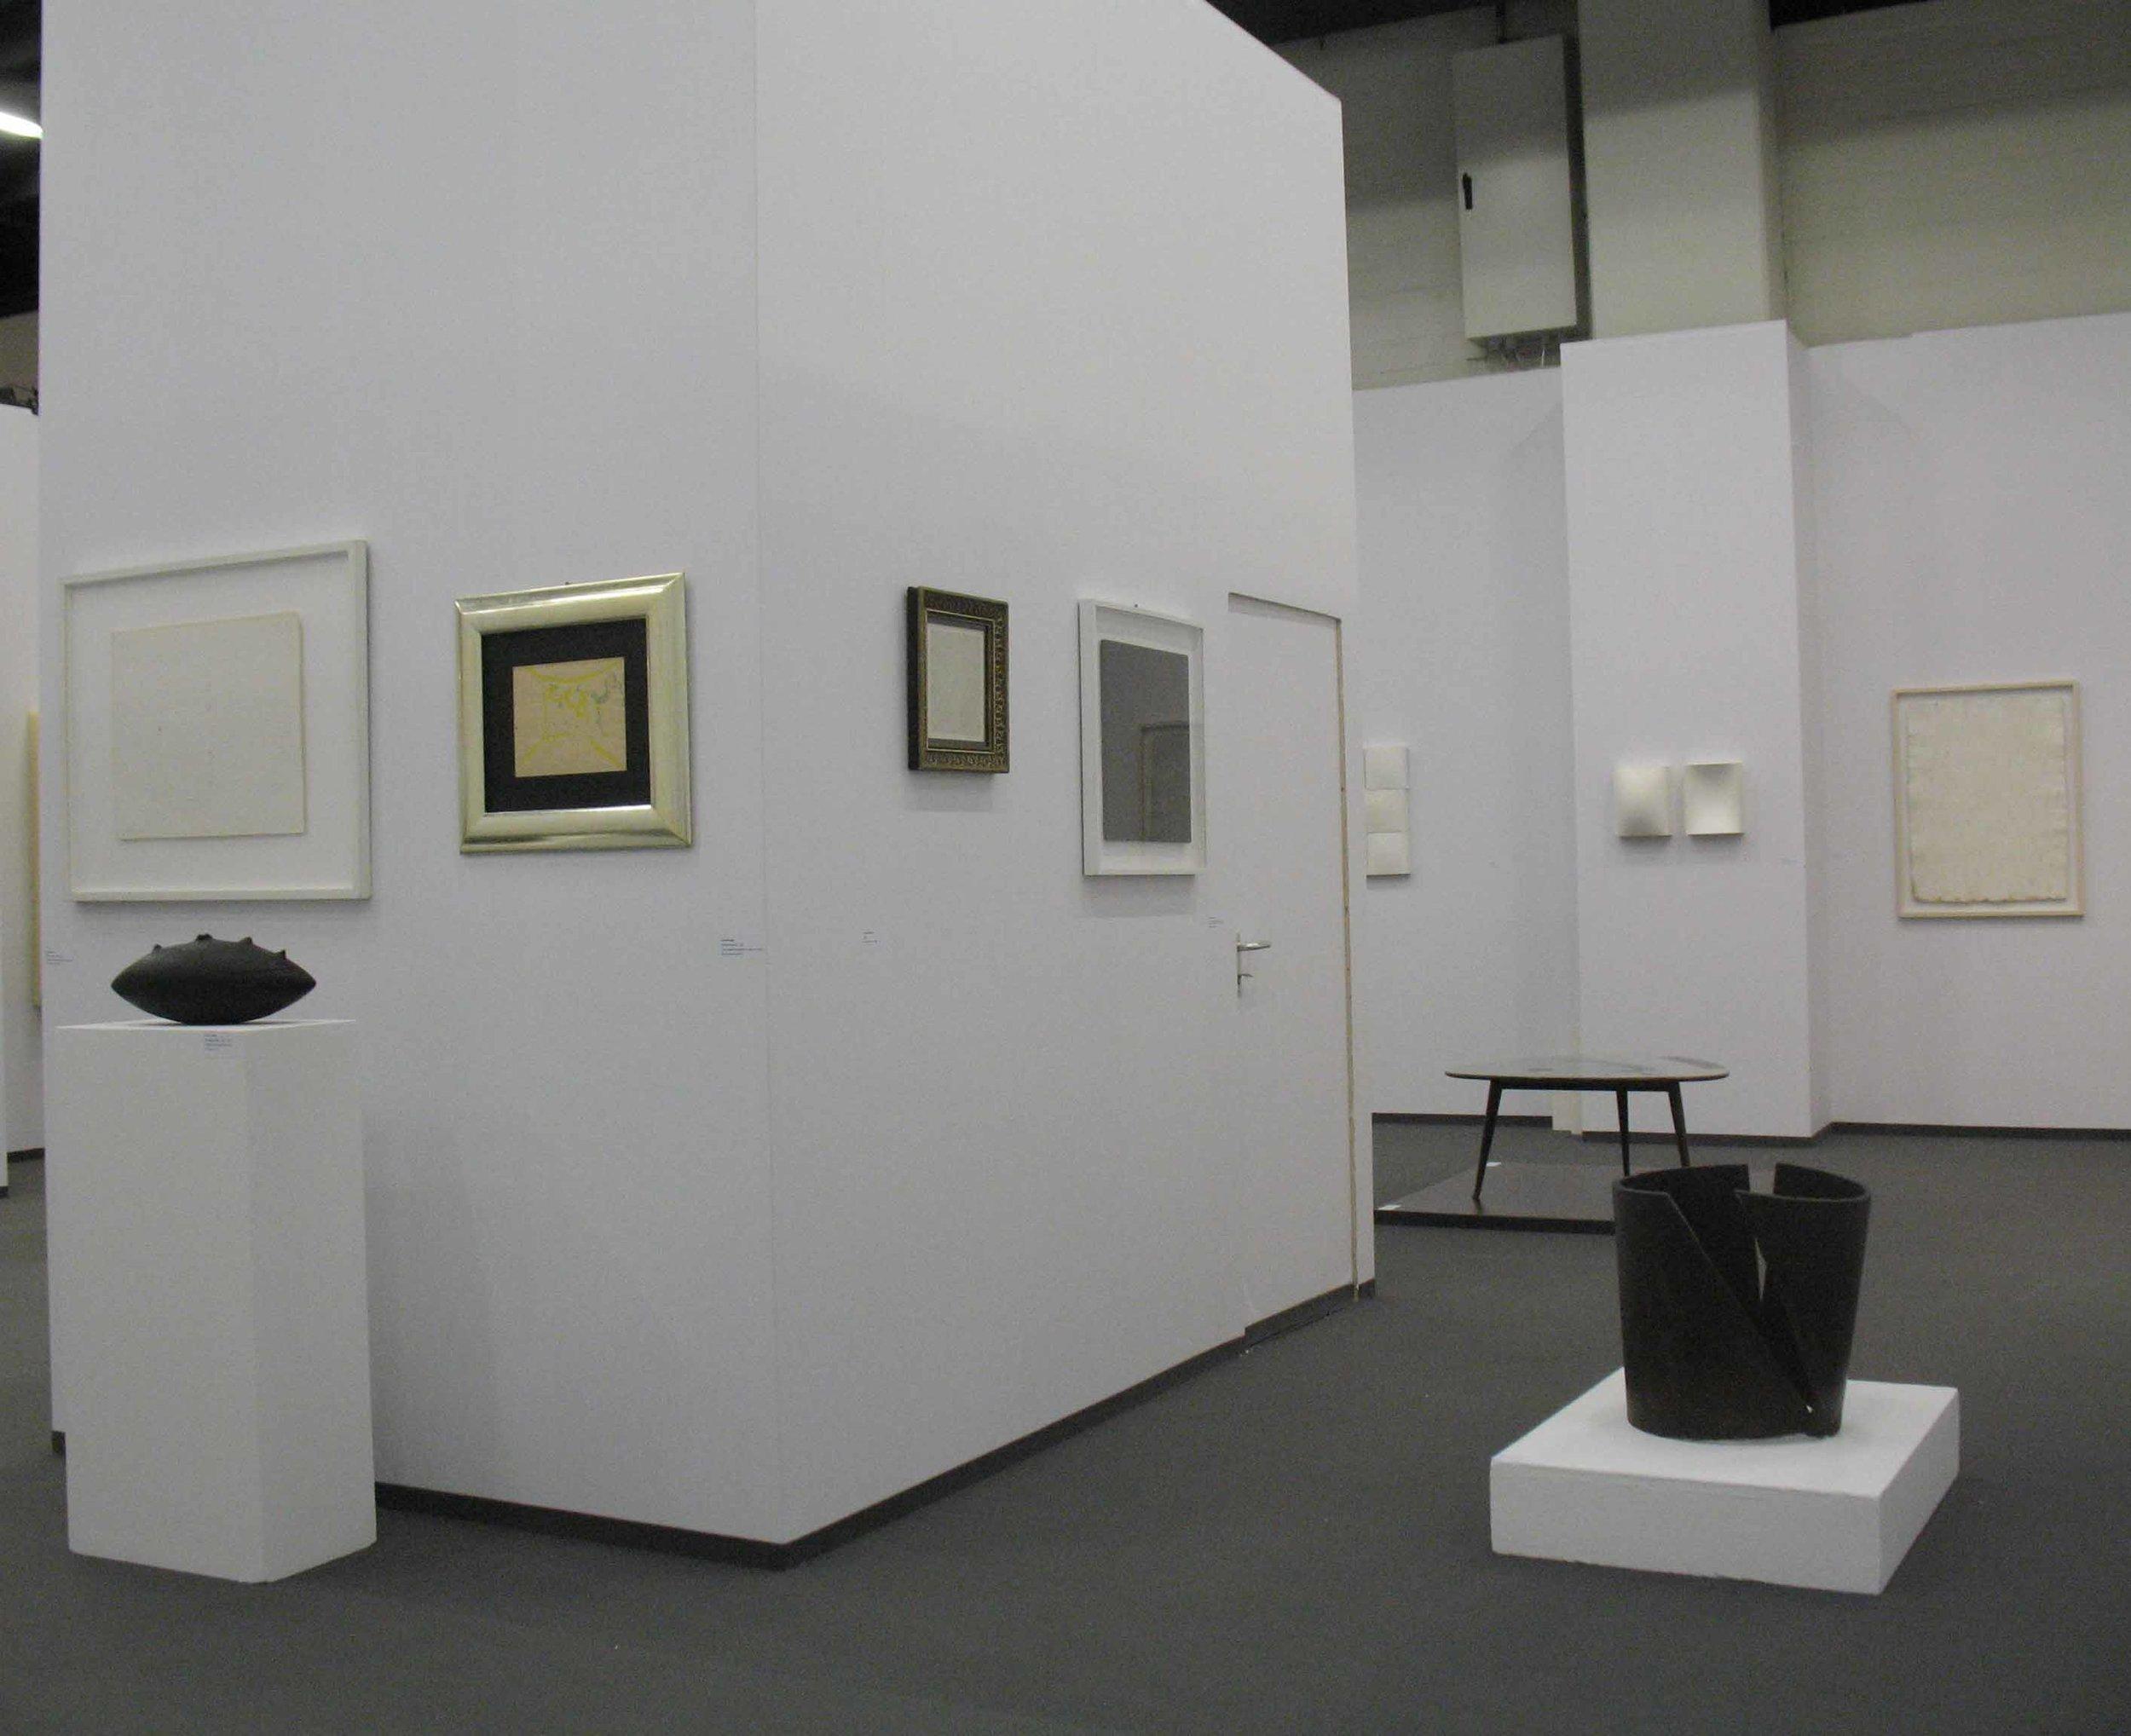 Stand White meditation room di Galleria Grossetti ad Art Cologne 2011_vista interna.jpg